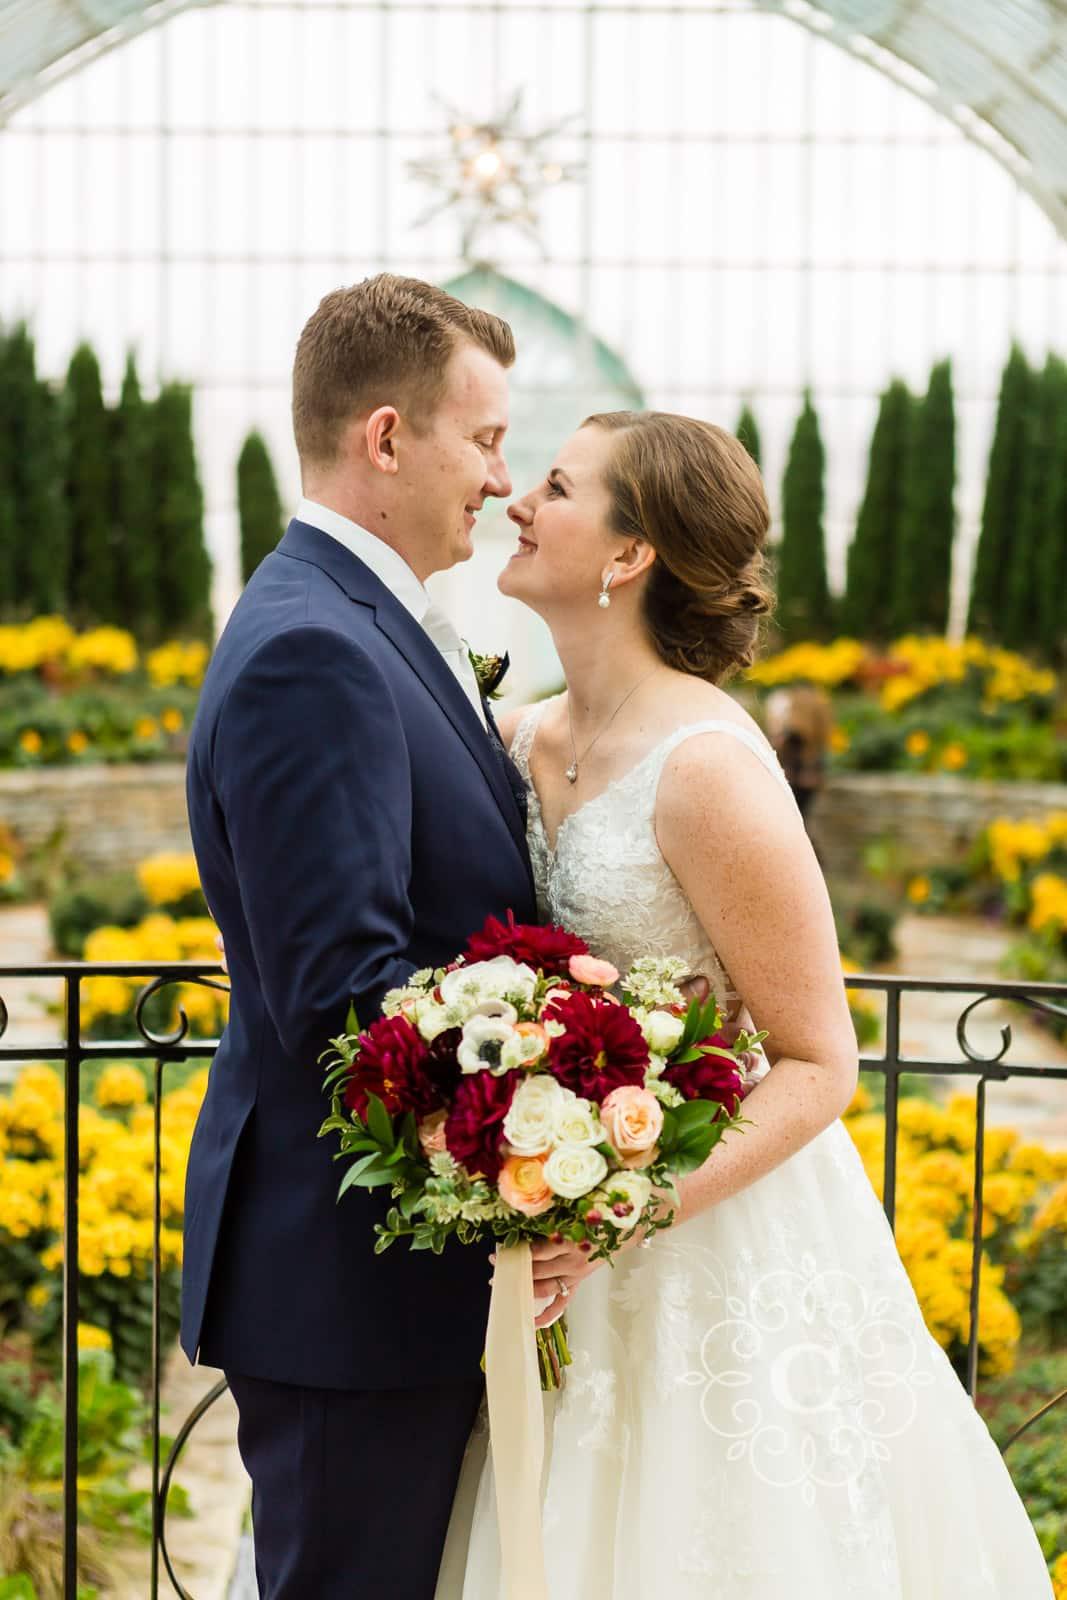 Sunken Garden Como Park Conservatory Wedding Photo